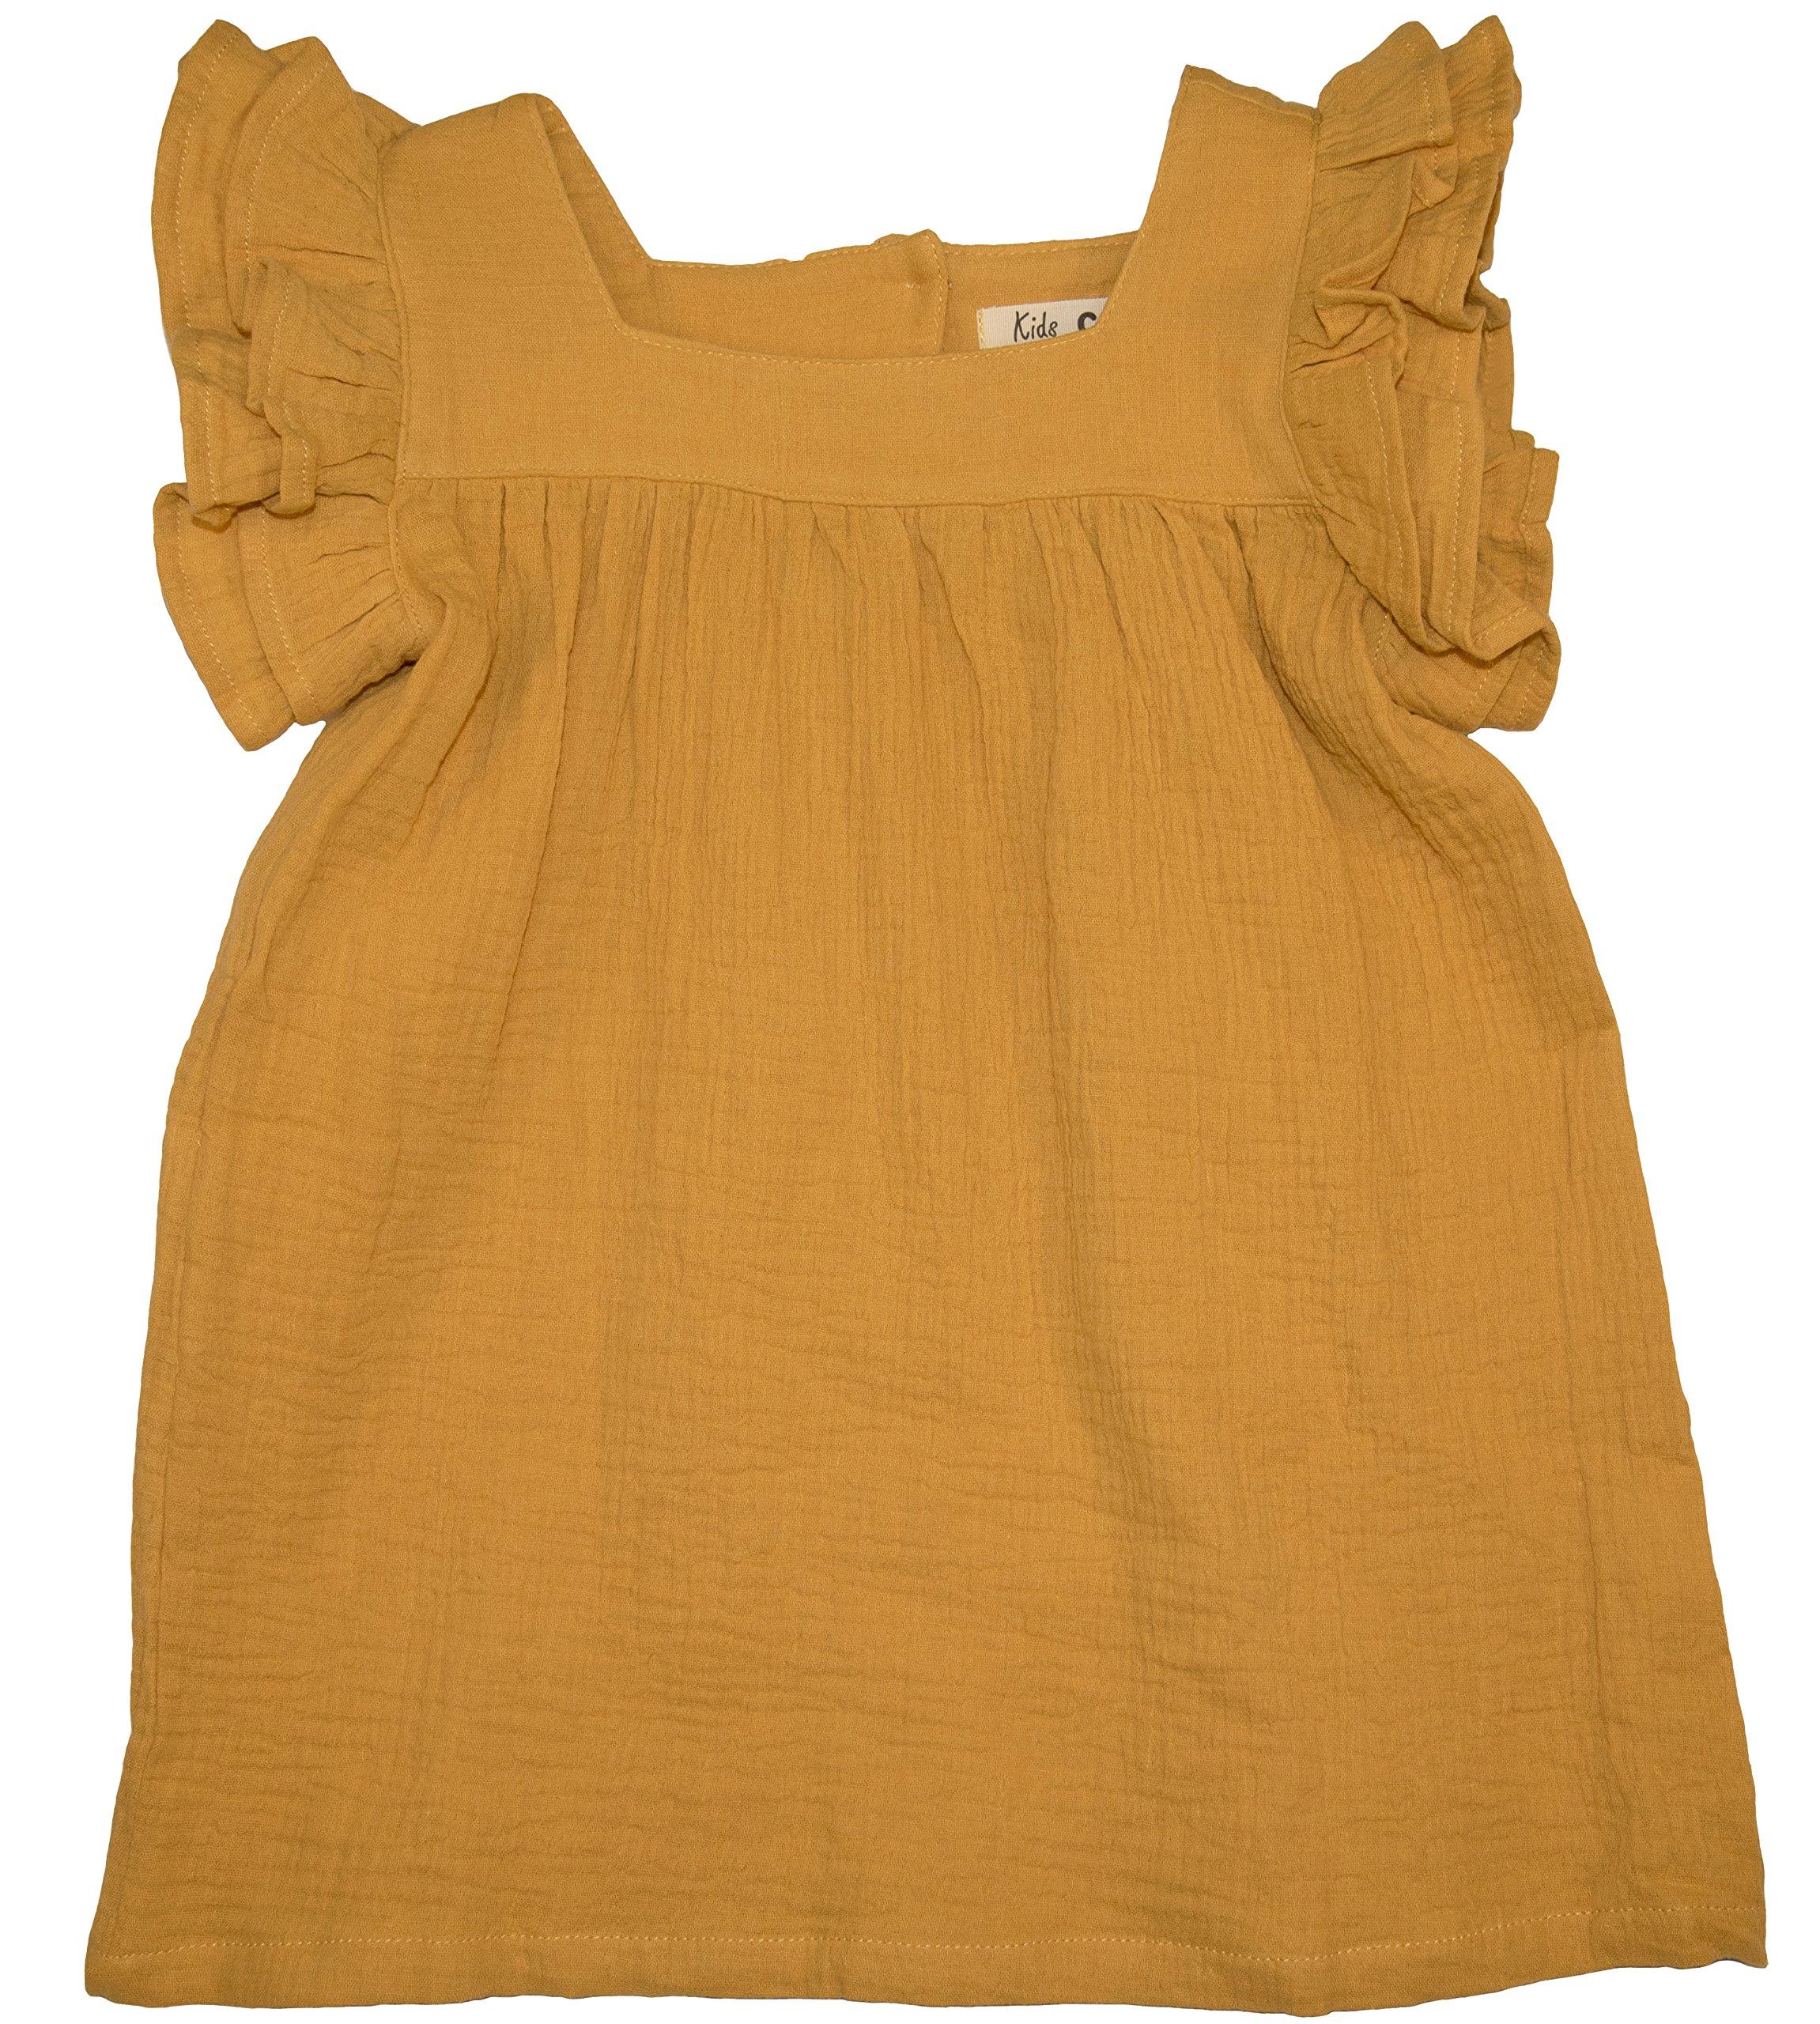 ContiKids Girls' Frill Sleeve Fly Dress 5 Mustard